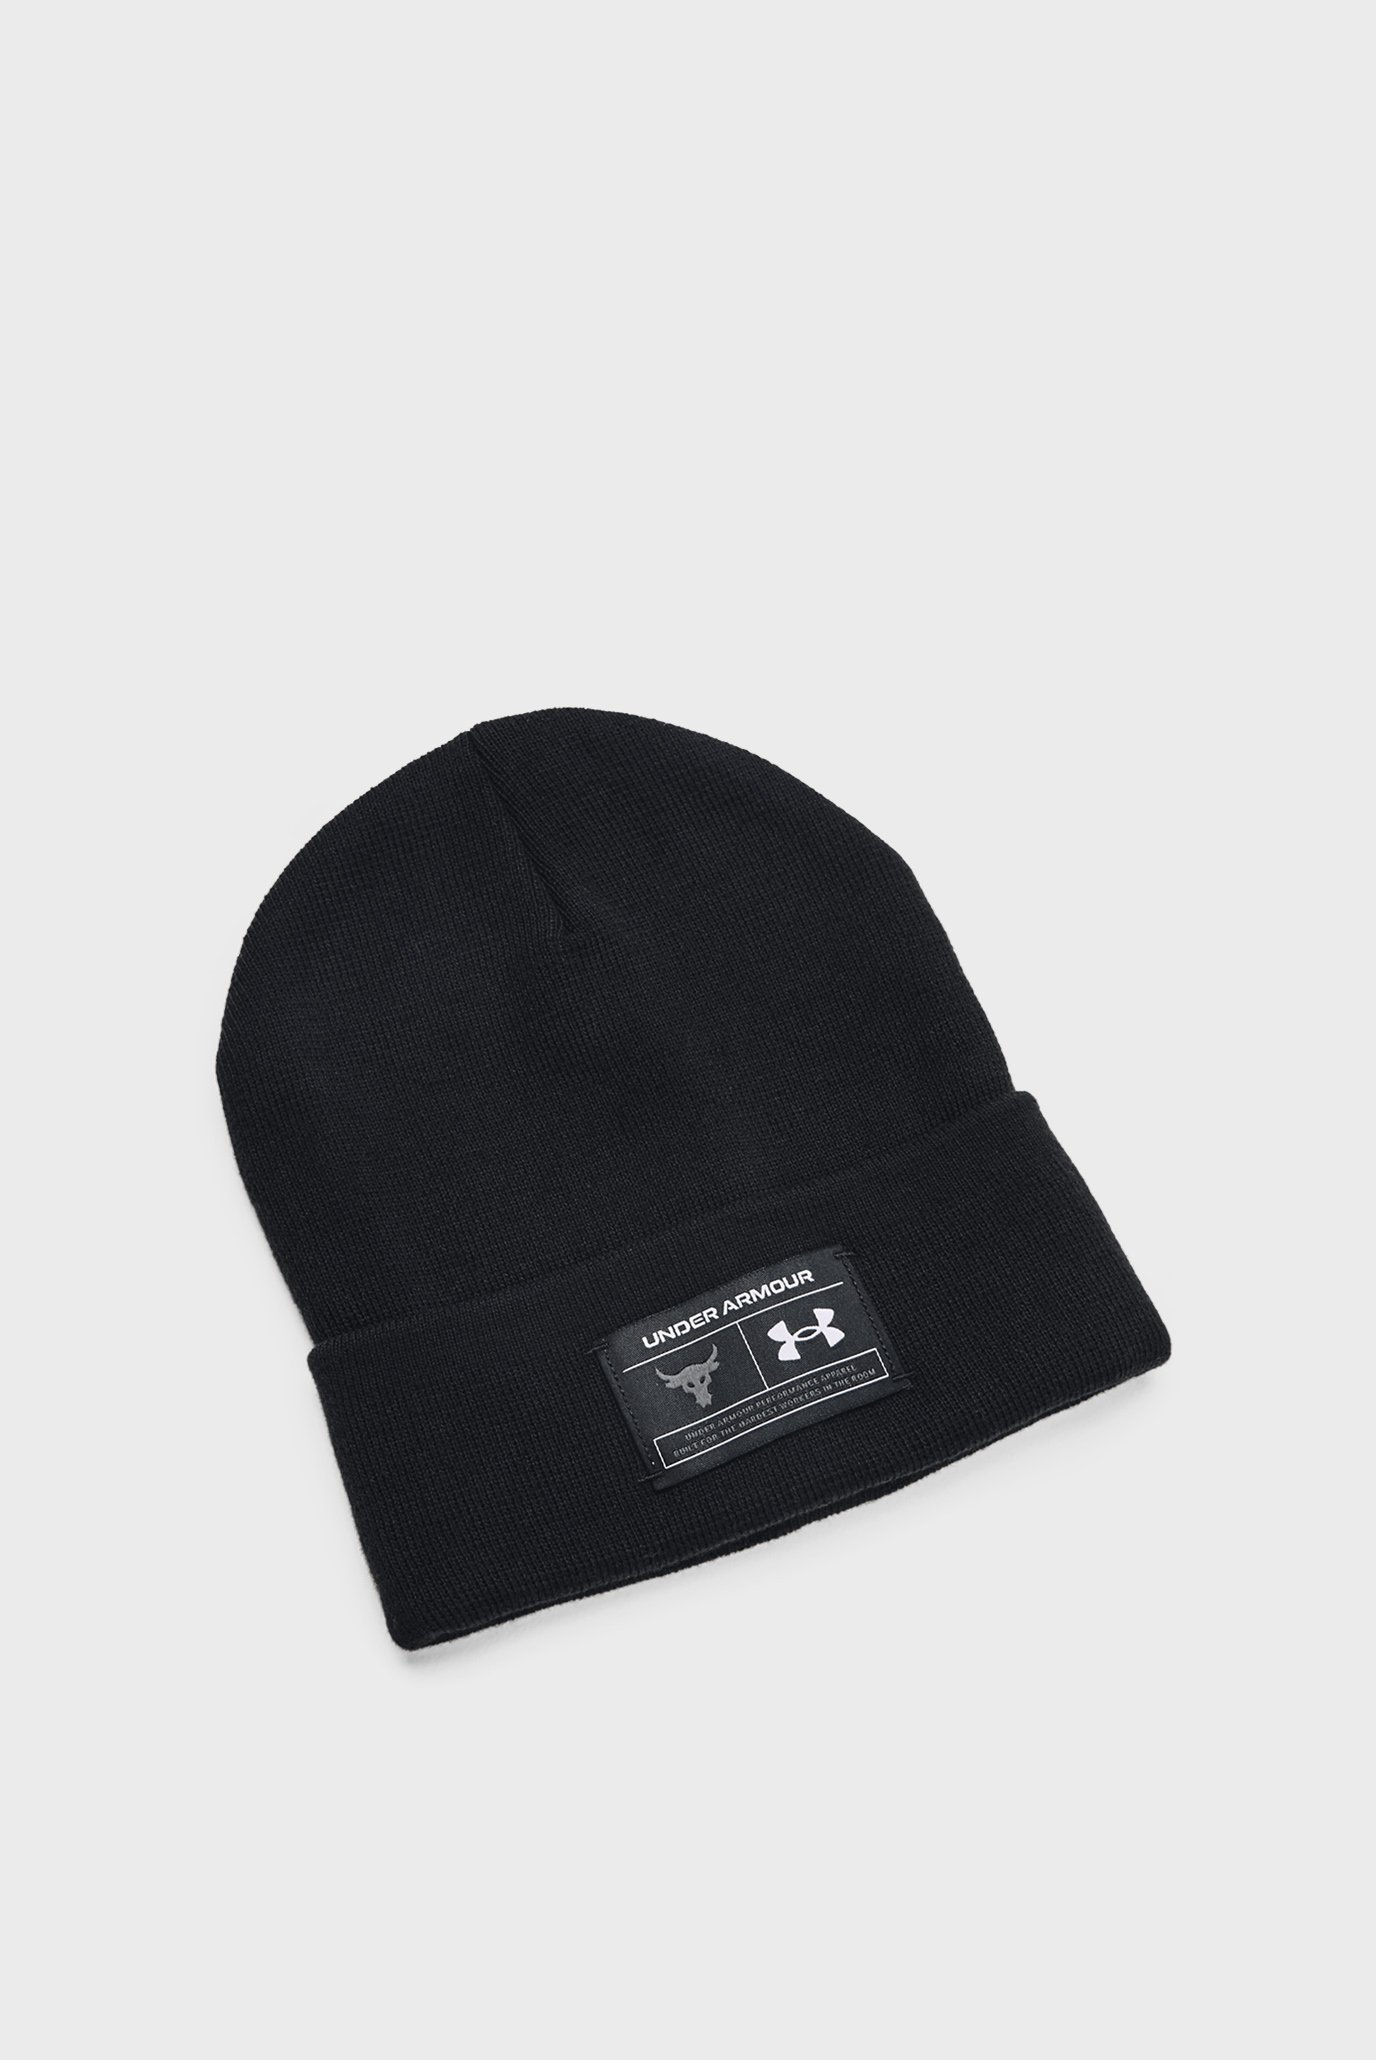 Мужская черная шапка UA Project Rock Cuff Beanie 1